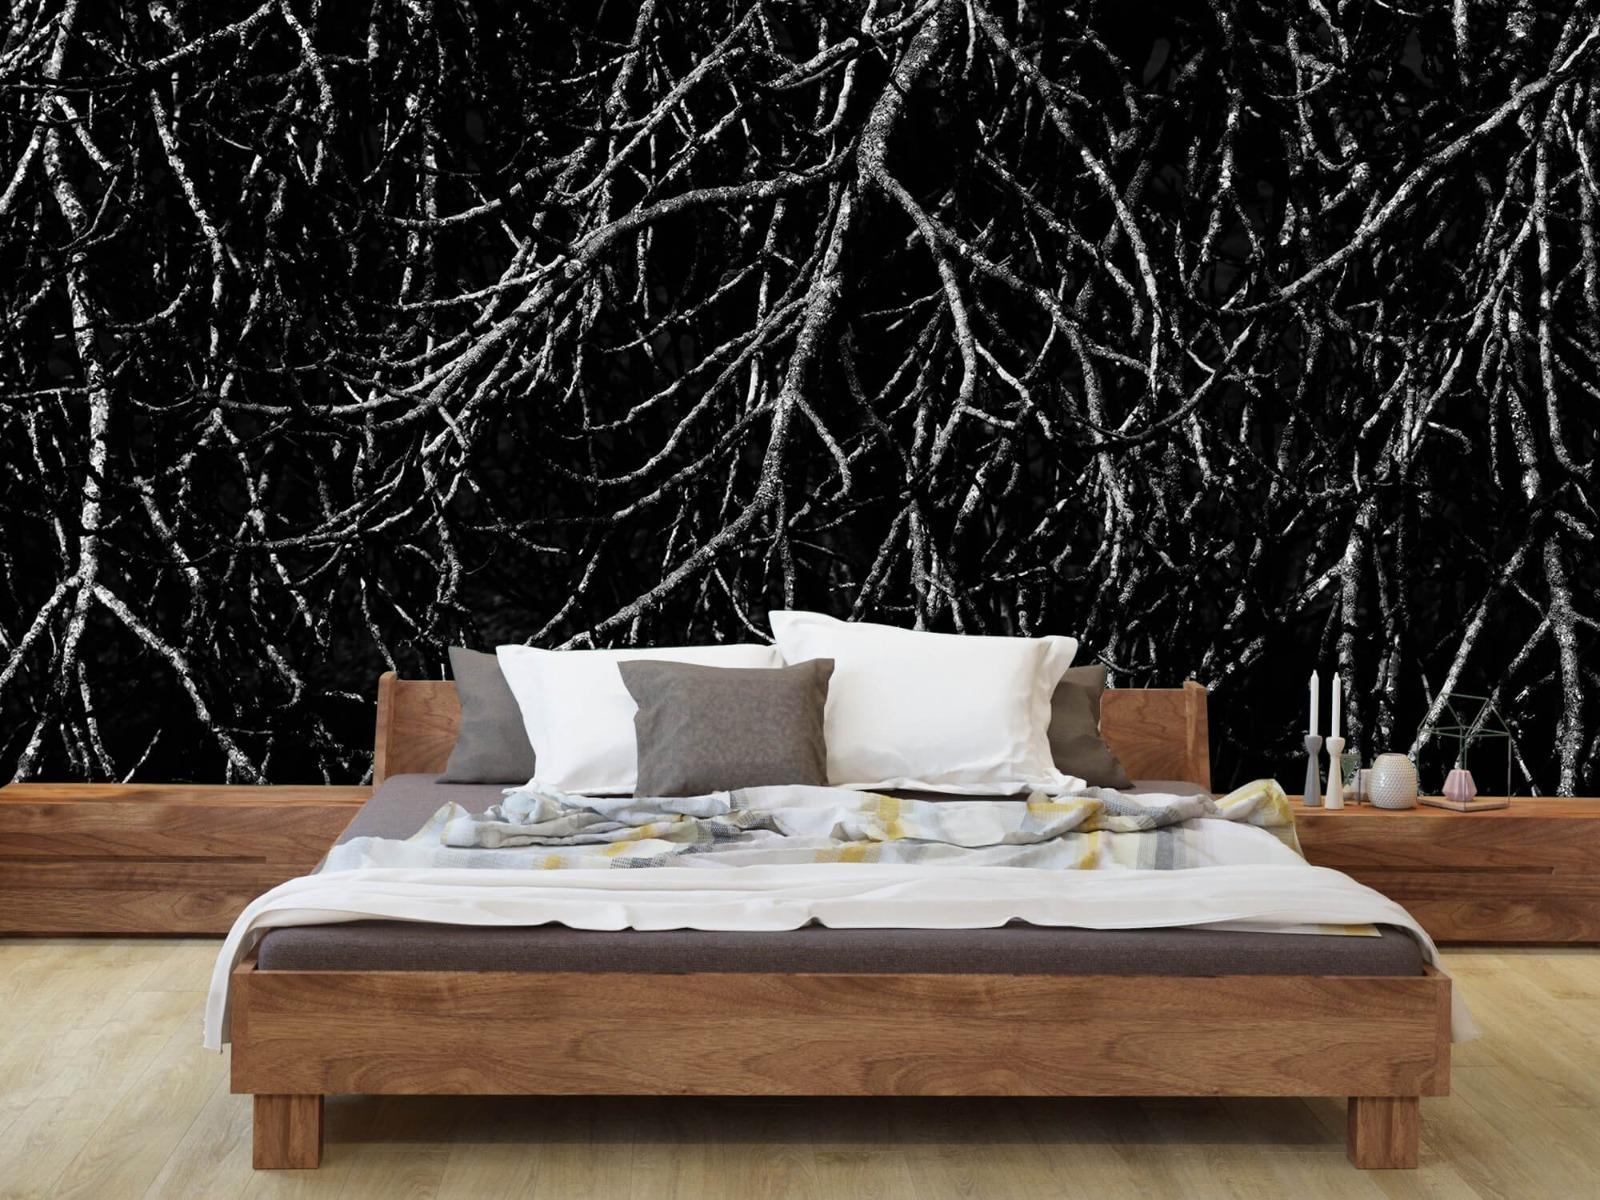 Zwart Wit behang - Boomtakken in zwart wit - Magazijn 8